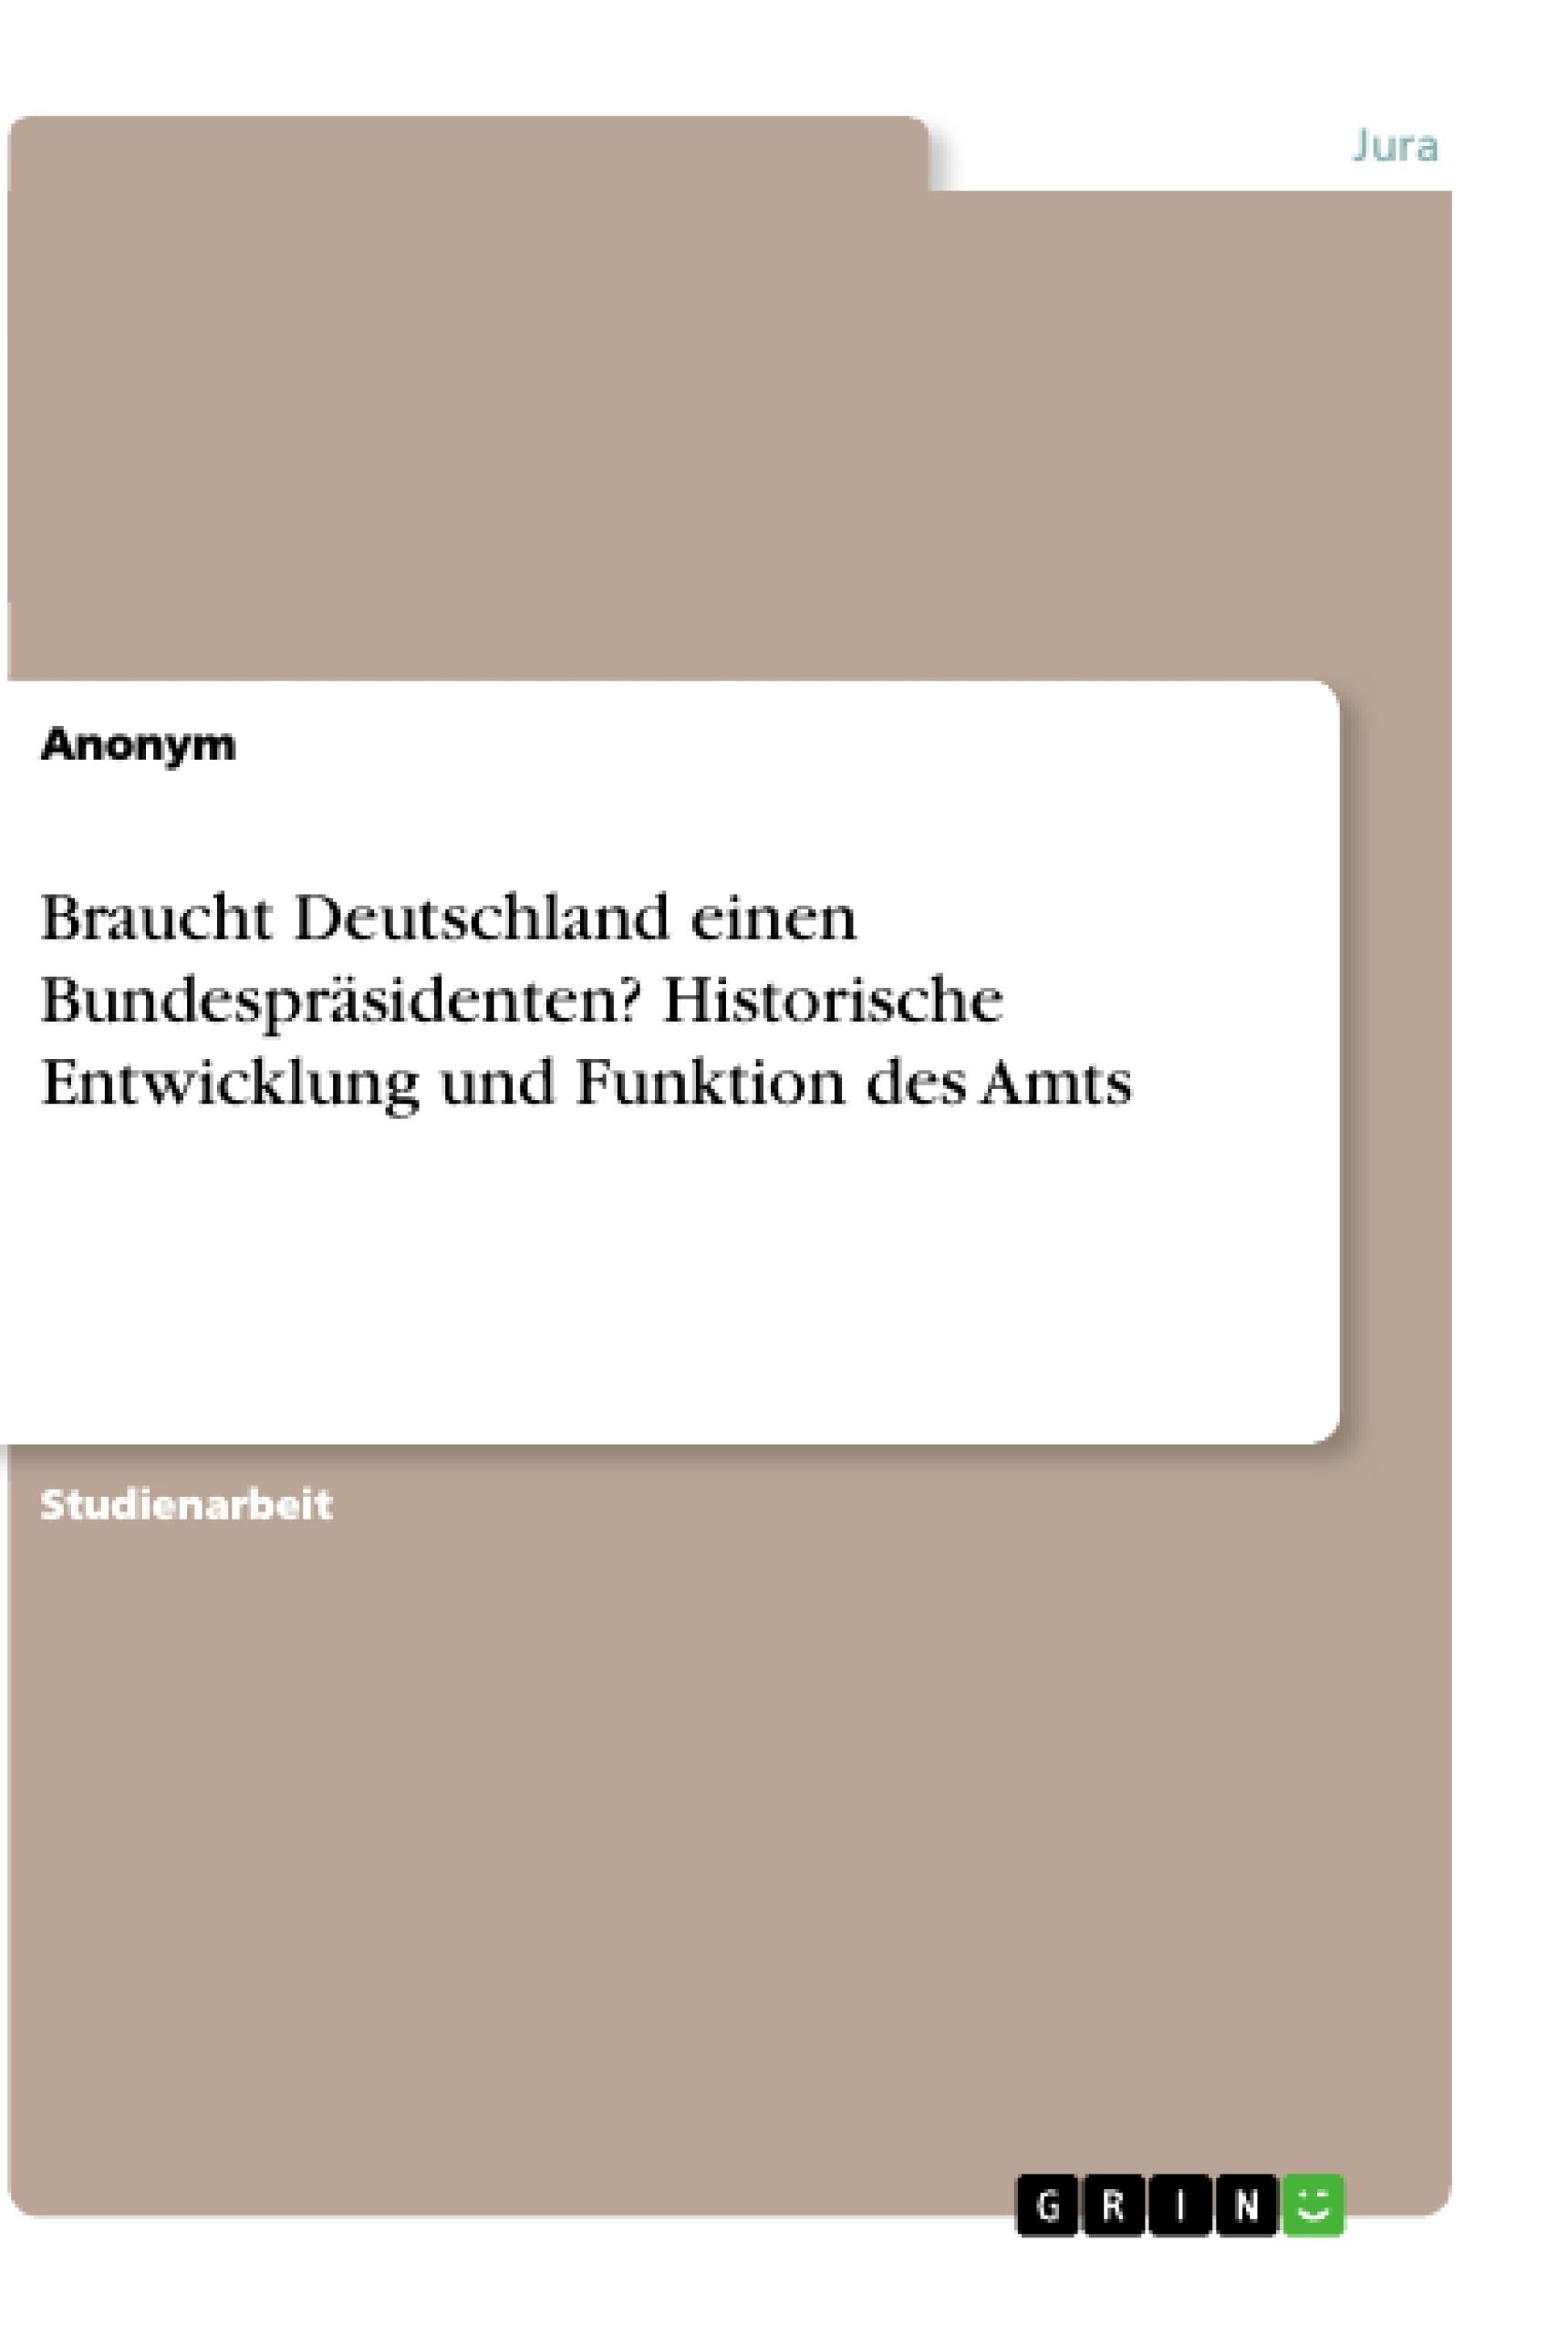 Titel: Braucht Deutschland einen Bundespräsidenten? Historische Entwicklung und Funktion des Amts